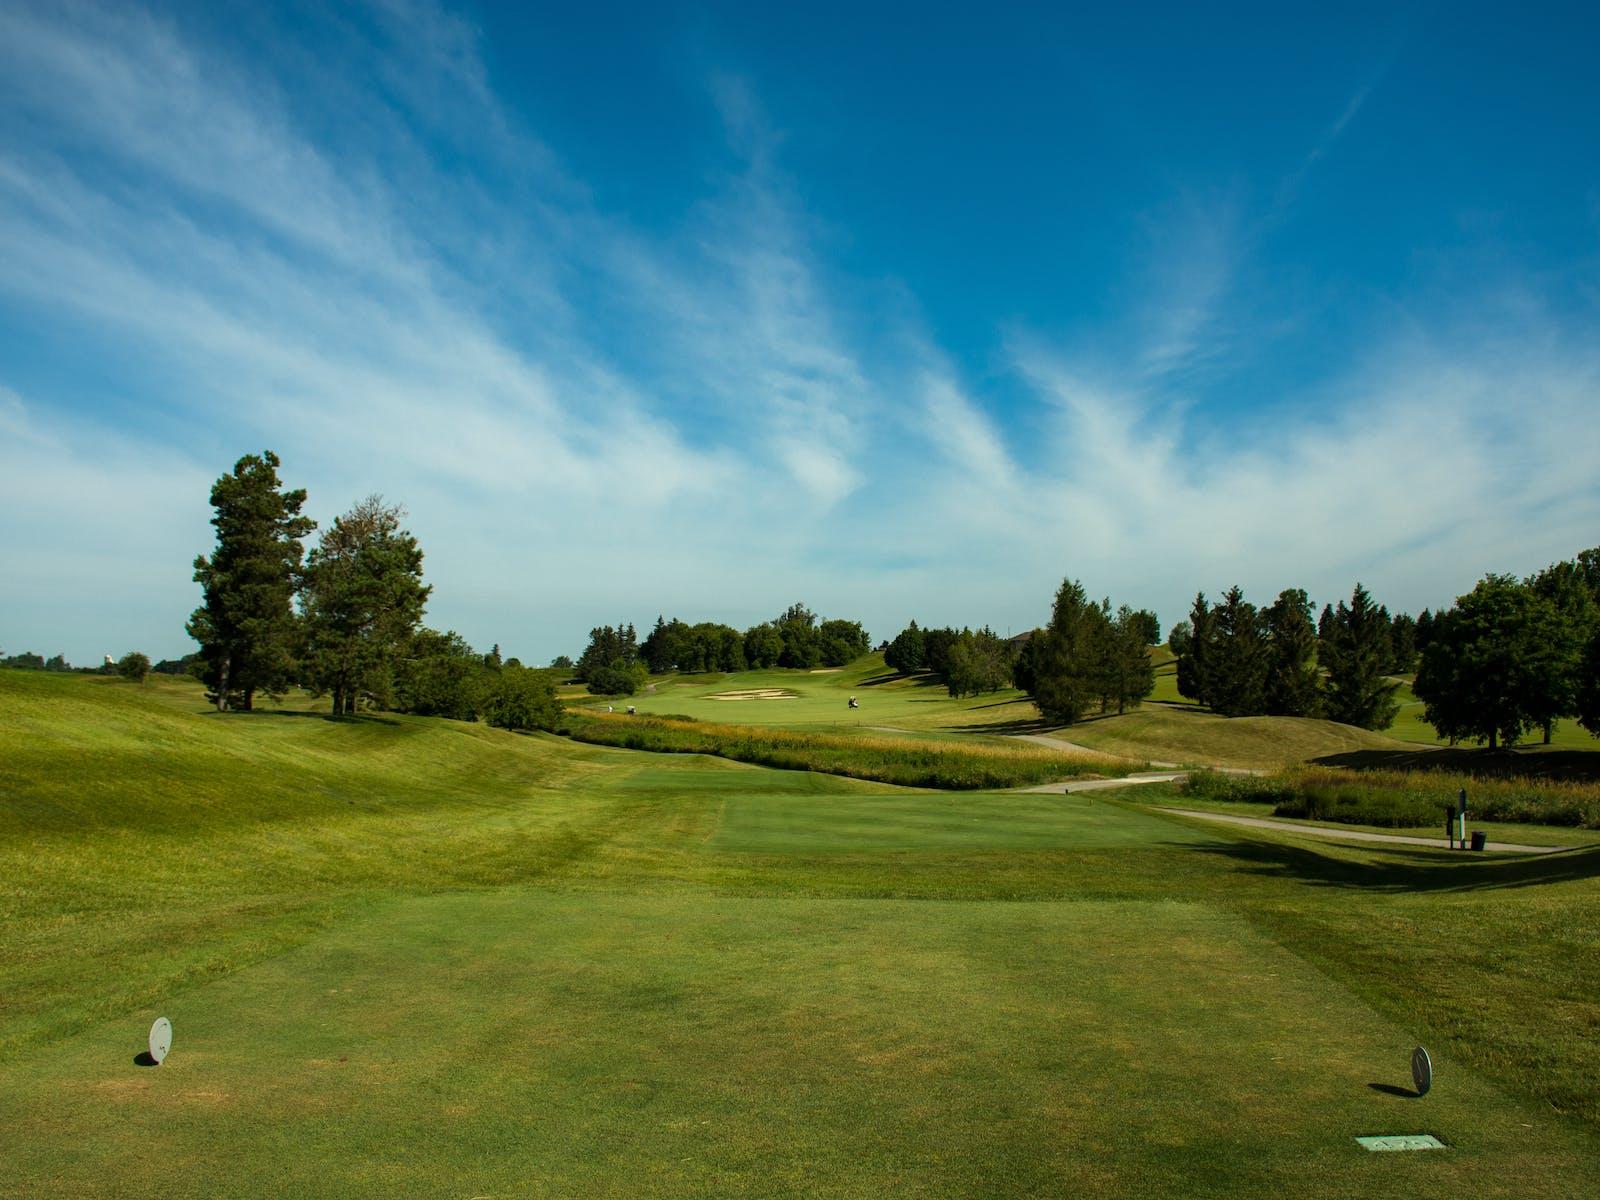 Golf course in Michigan